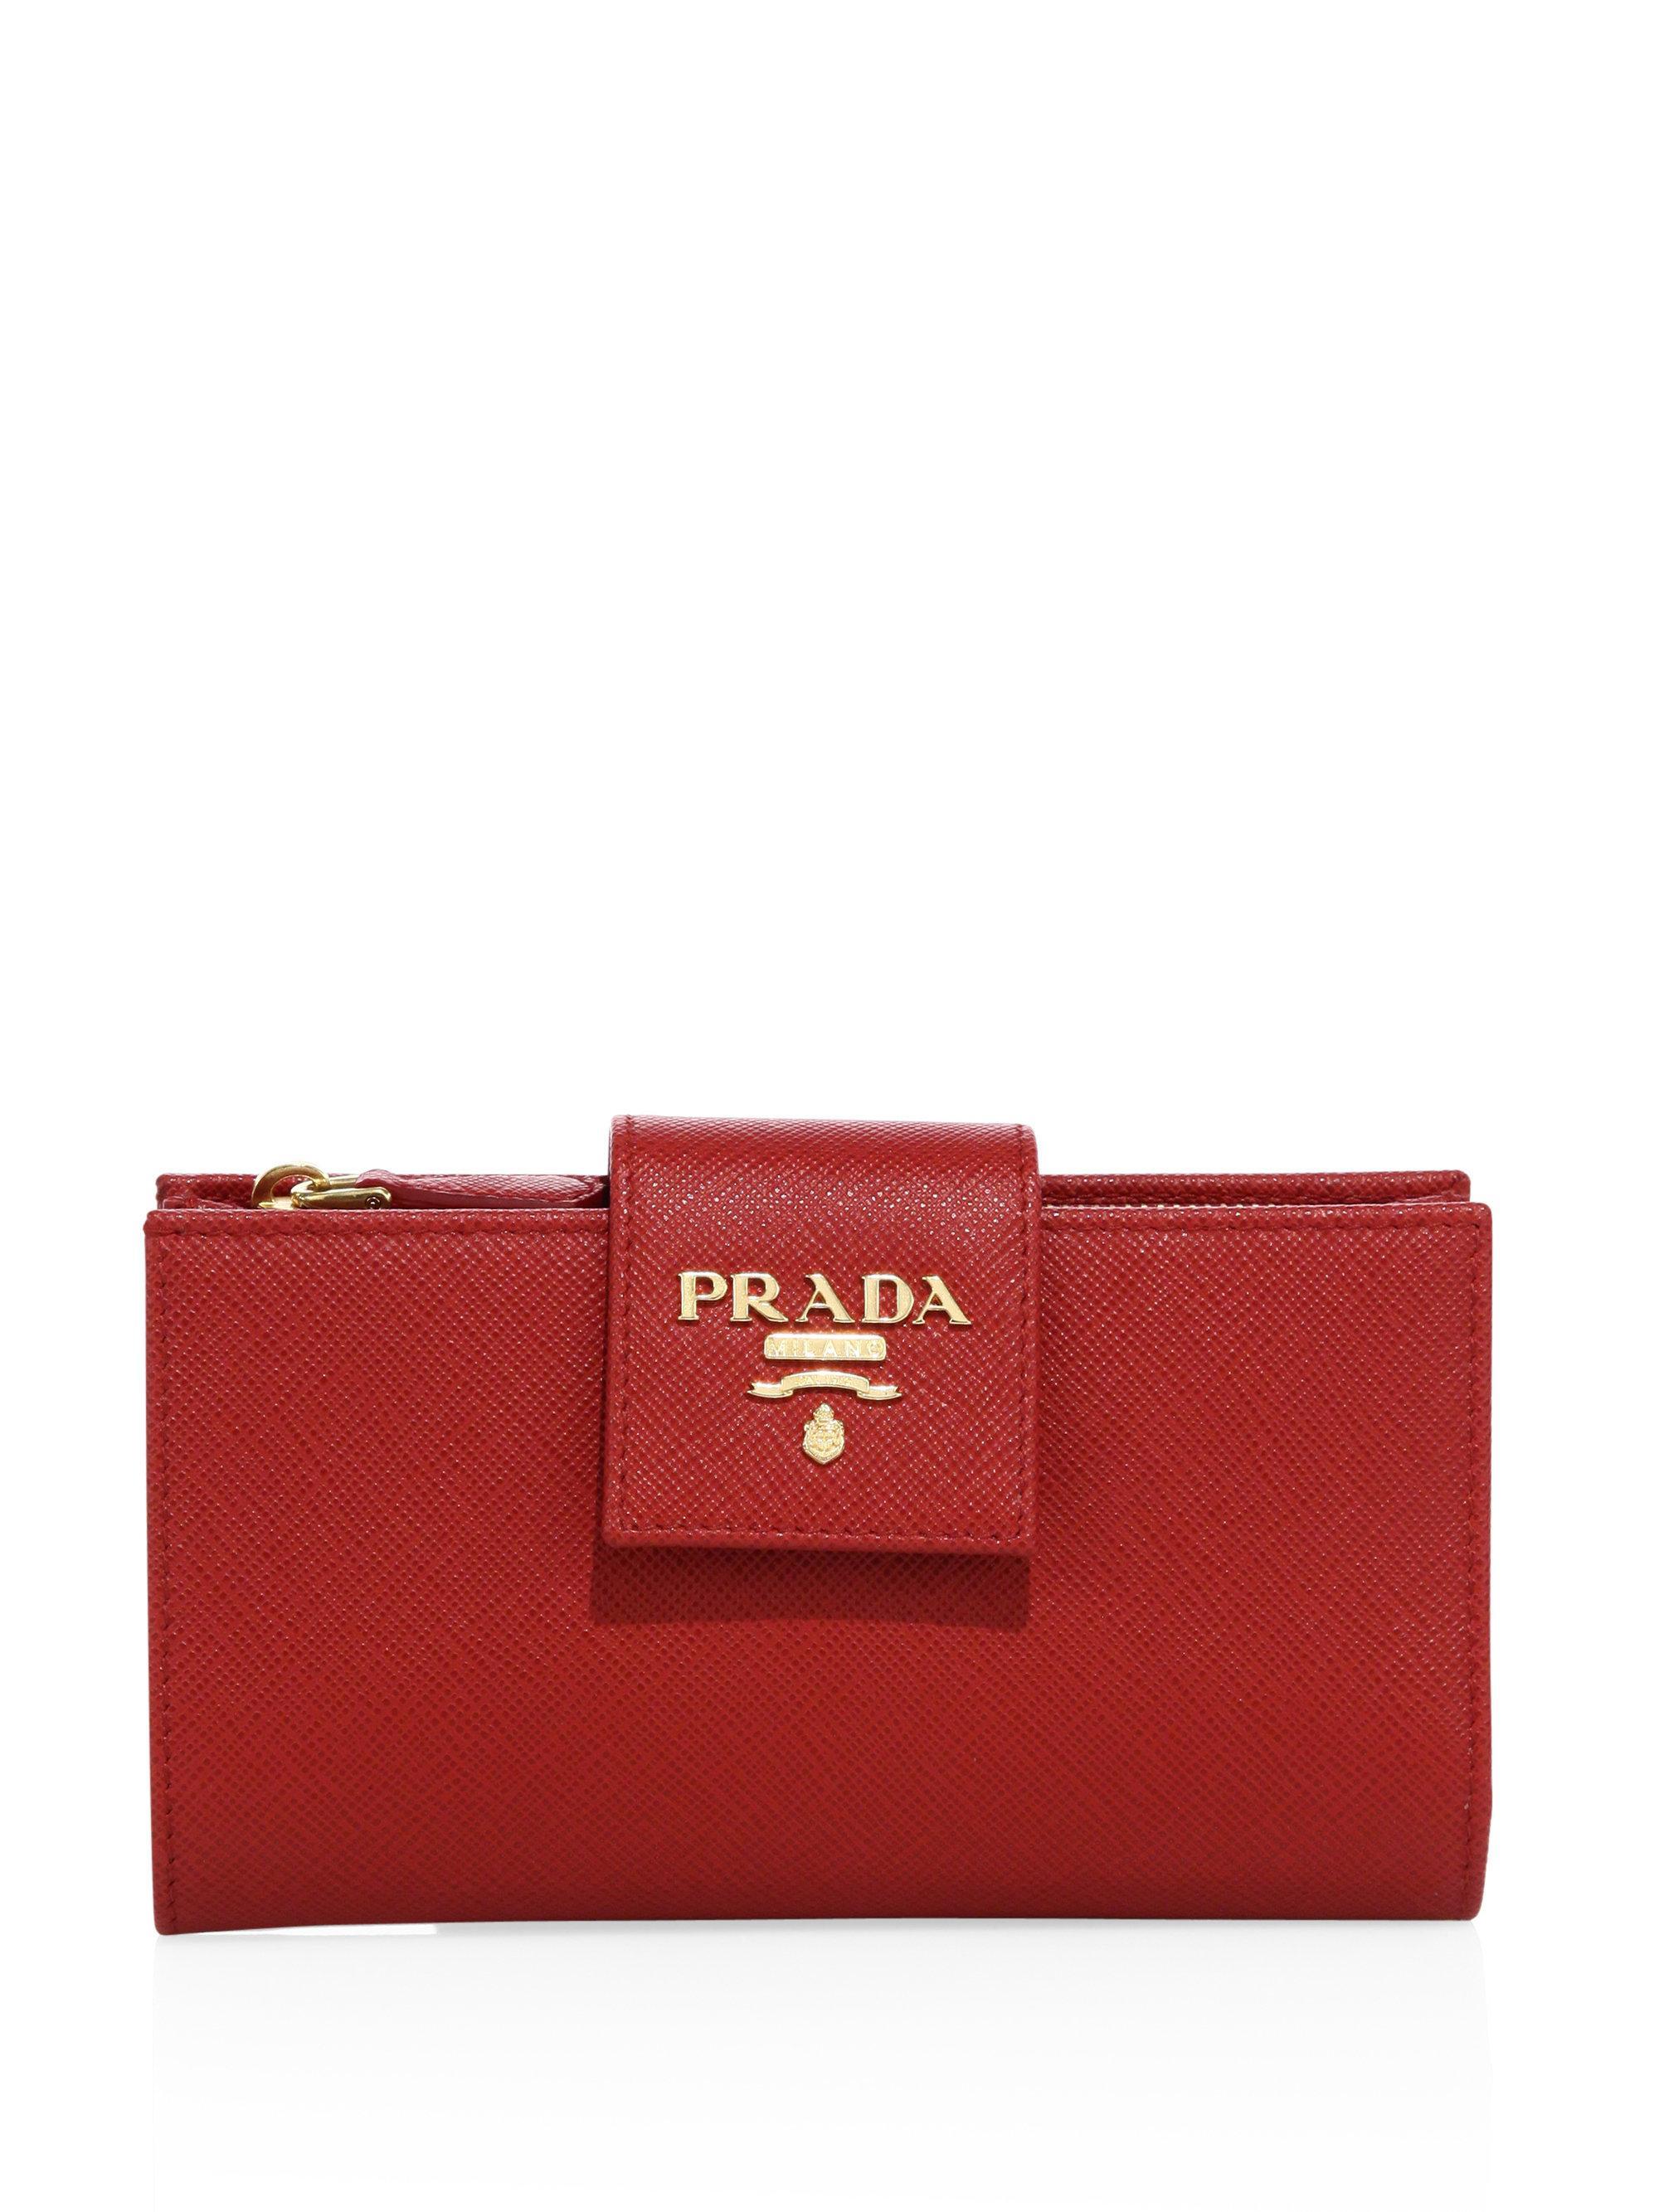 99dda1dd7d8c Lyst - Prada Saffiano Leather Tab Wallet in Red